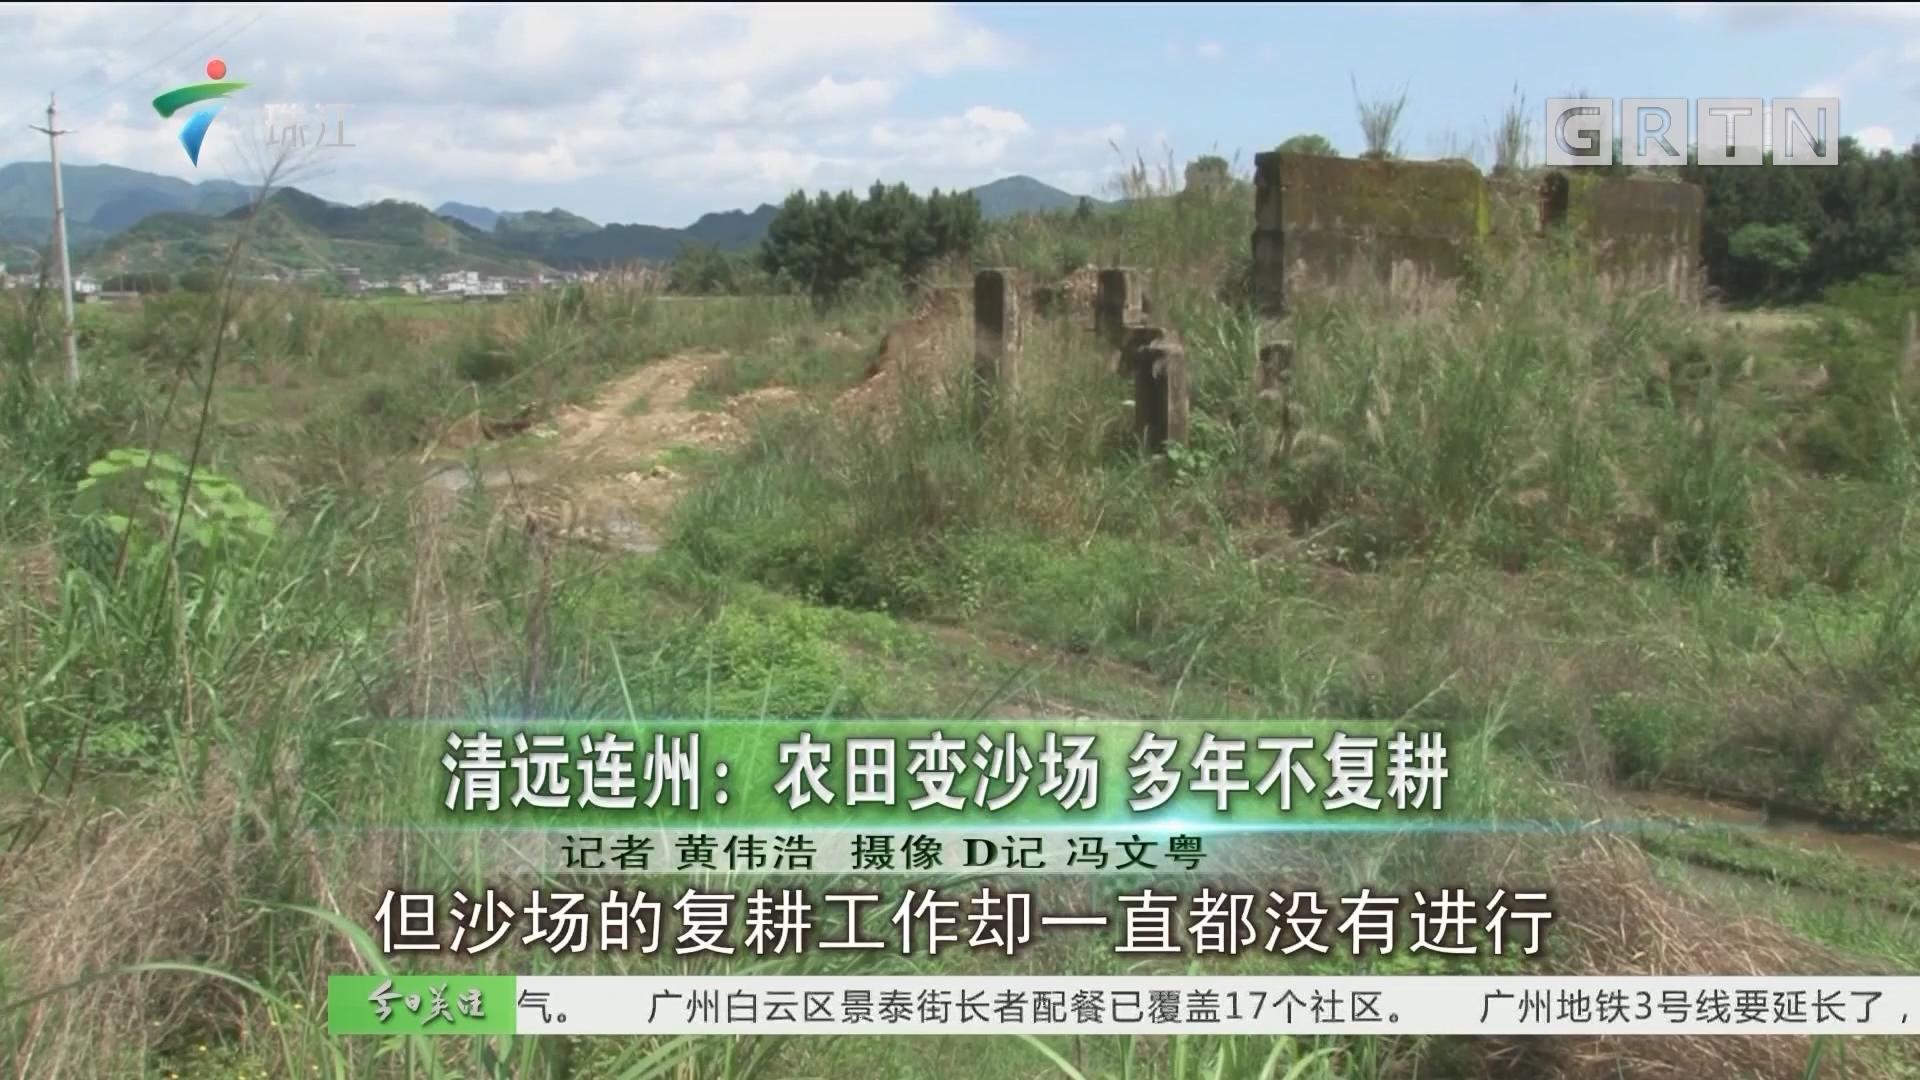 清远连州:农田变沙场 多年不复耕